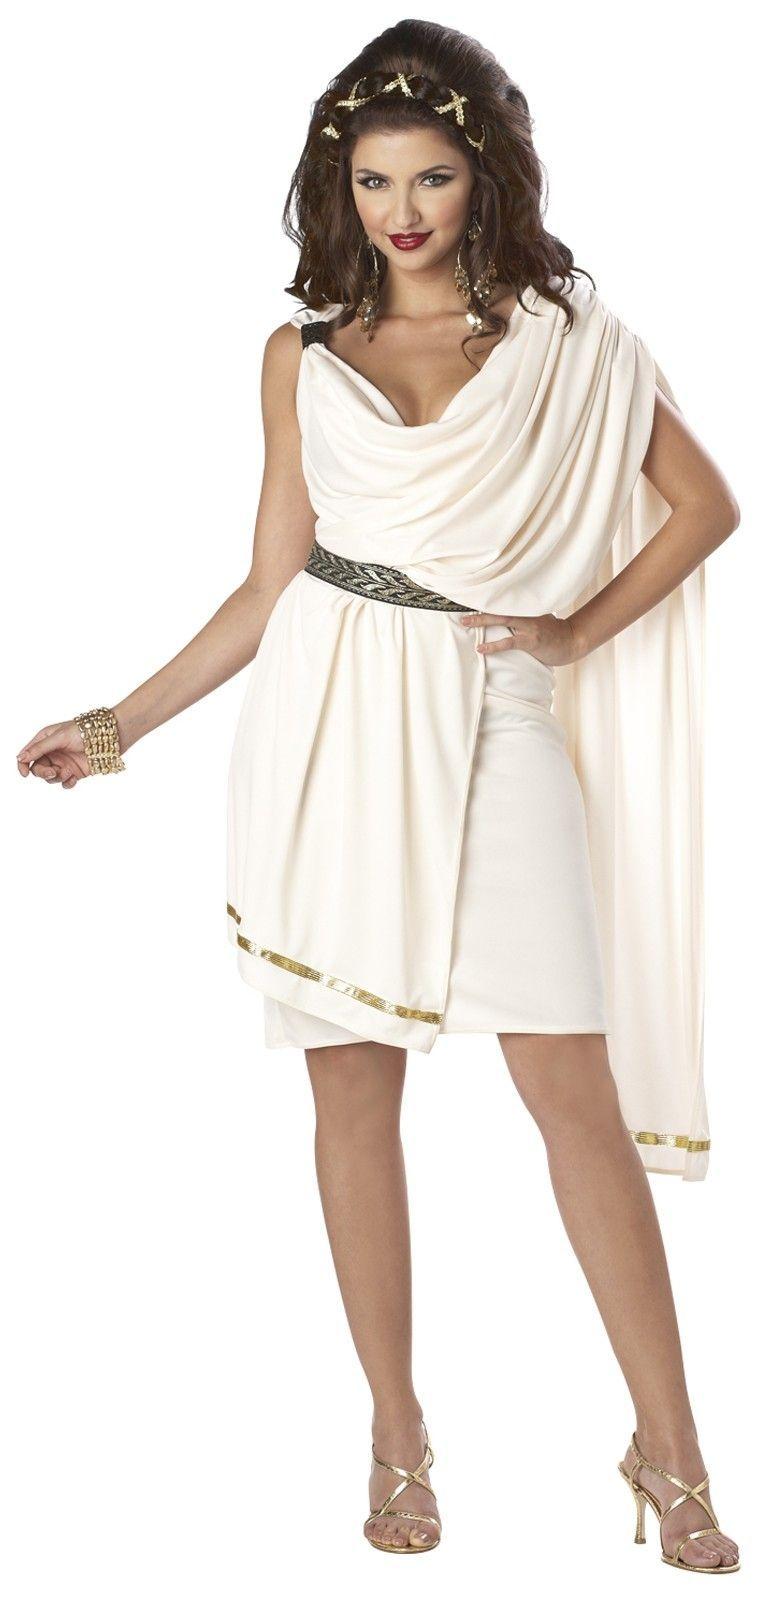 Костюм непорочной римлянки (48) - Исторические костюмы, р.48